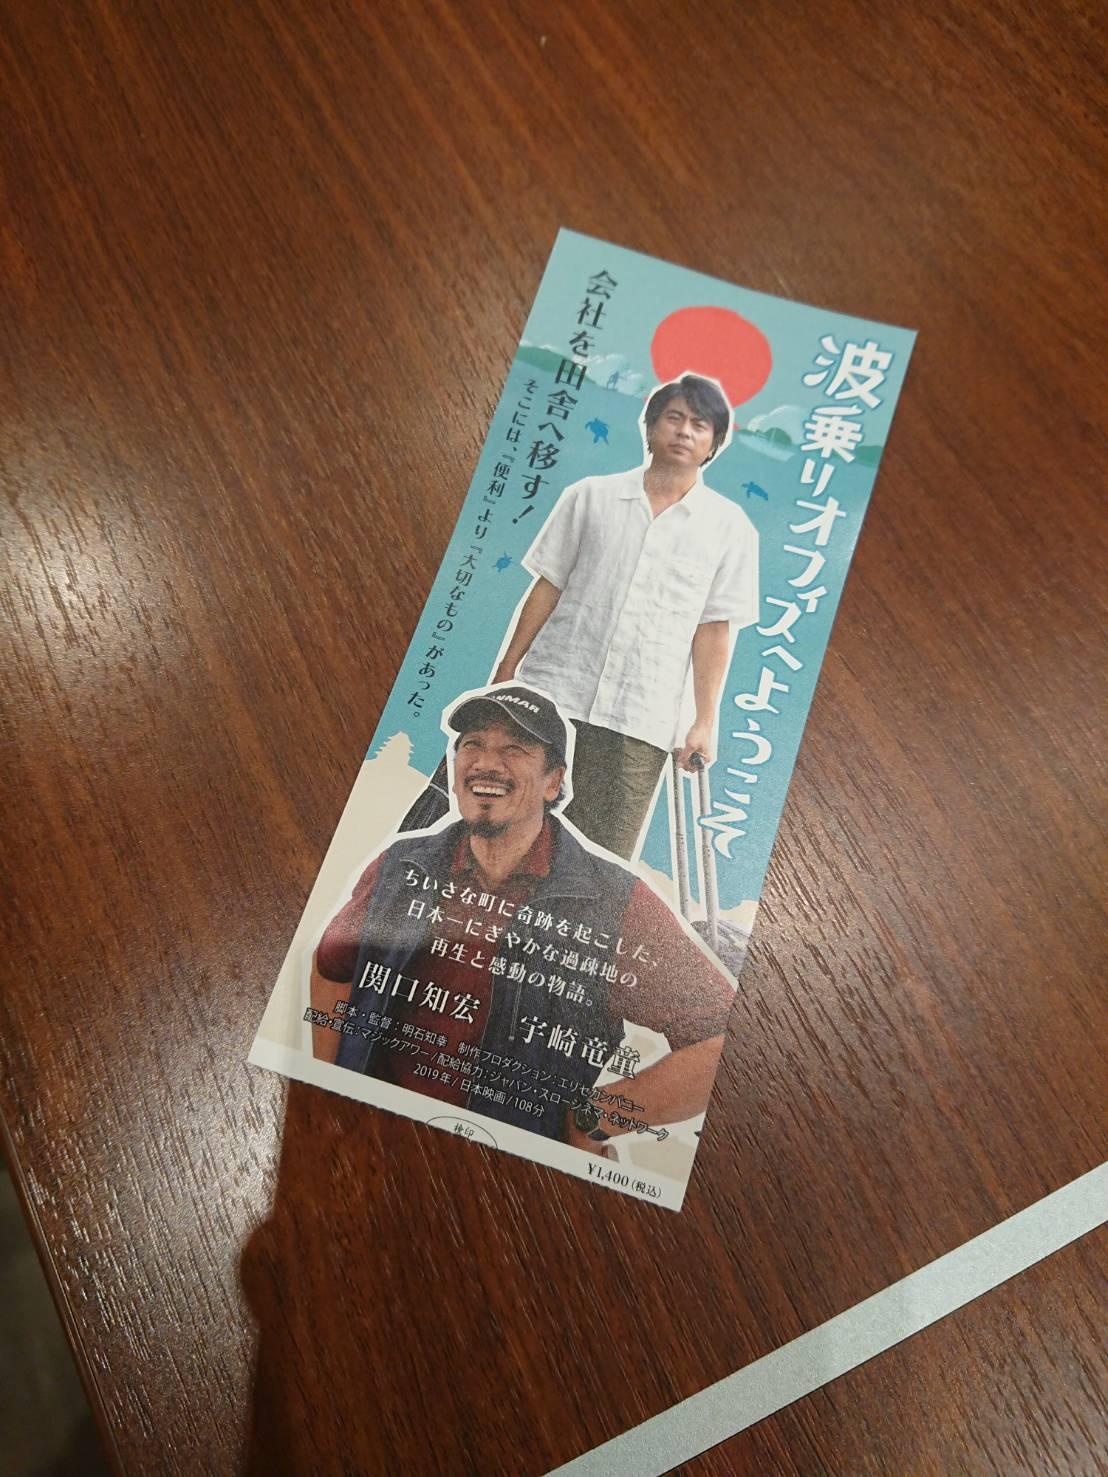 サイファー吉田さんがモデルの映画「波乗りオフィスへようこそ」観てきた